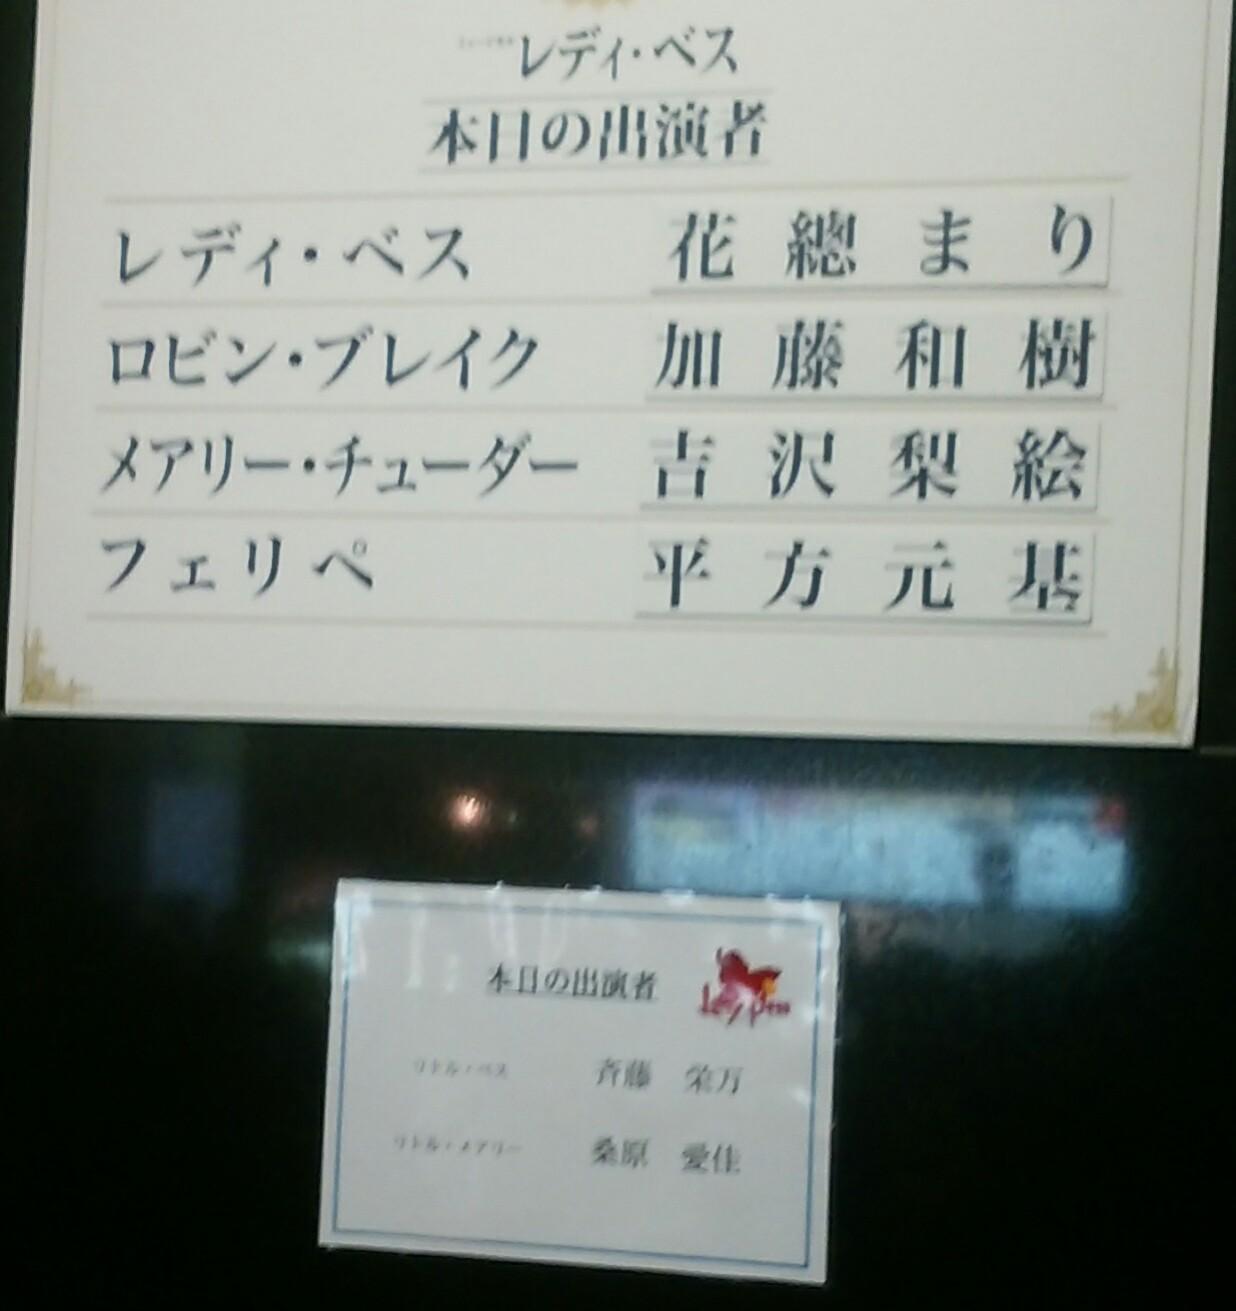 11/13「レディ・ベス」マチネ